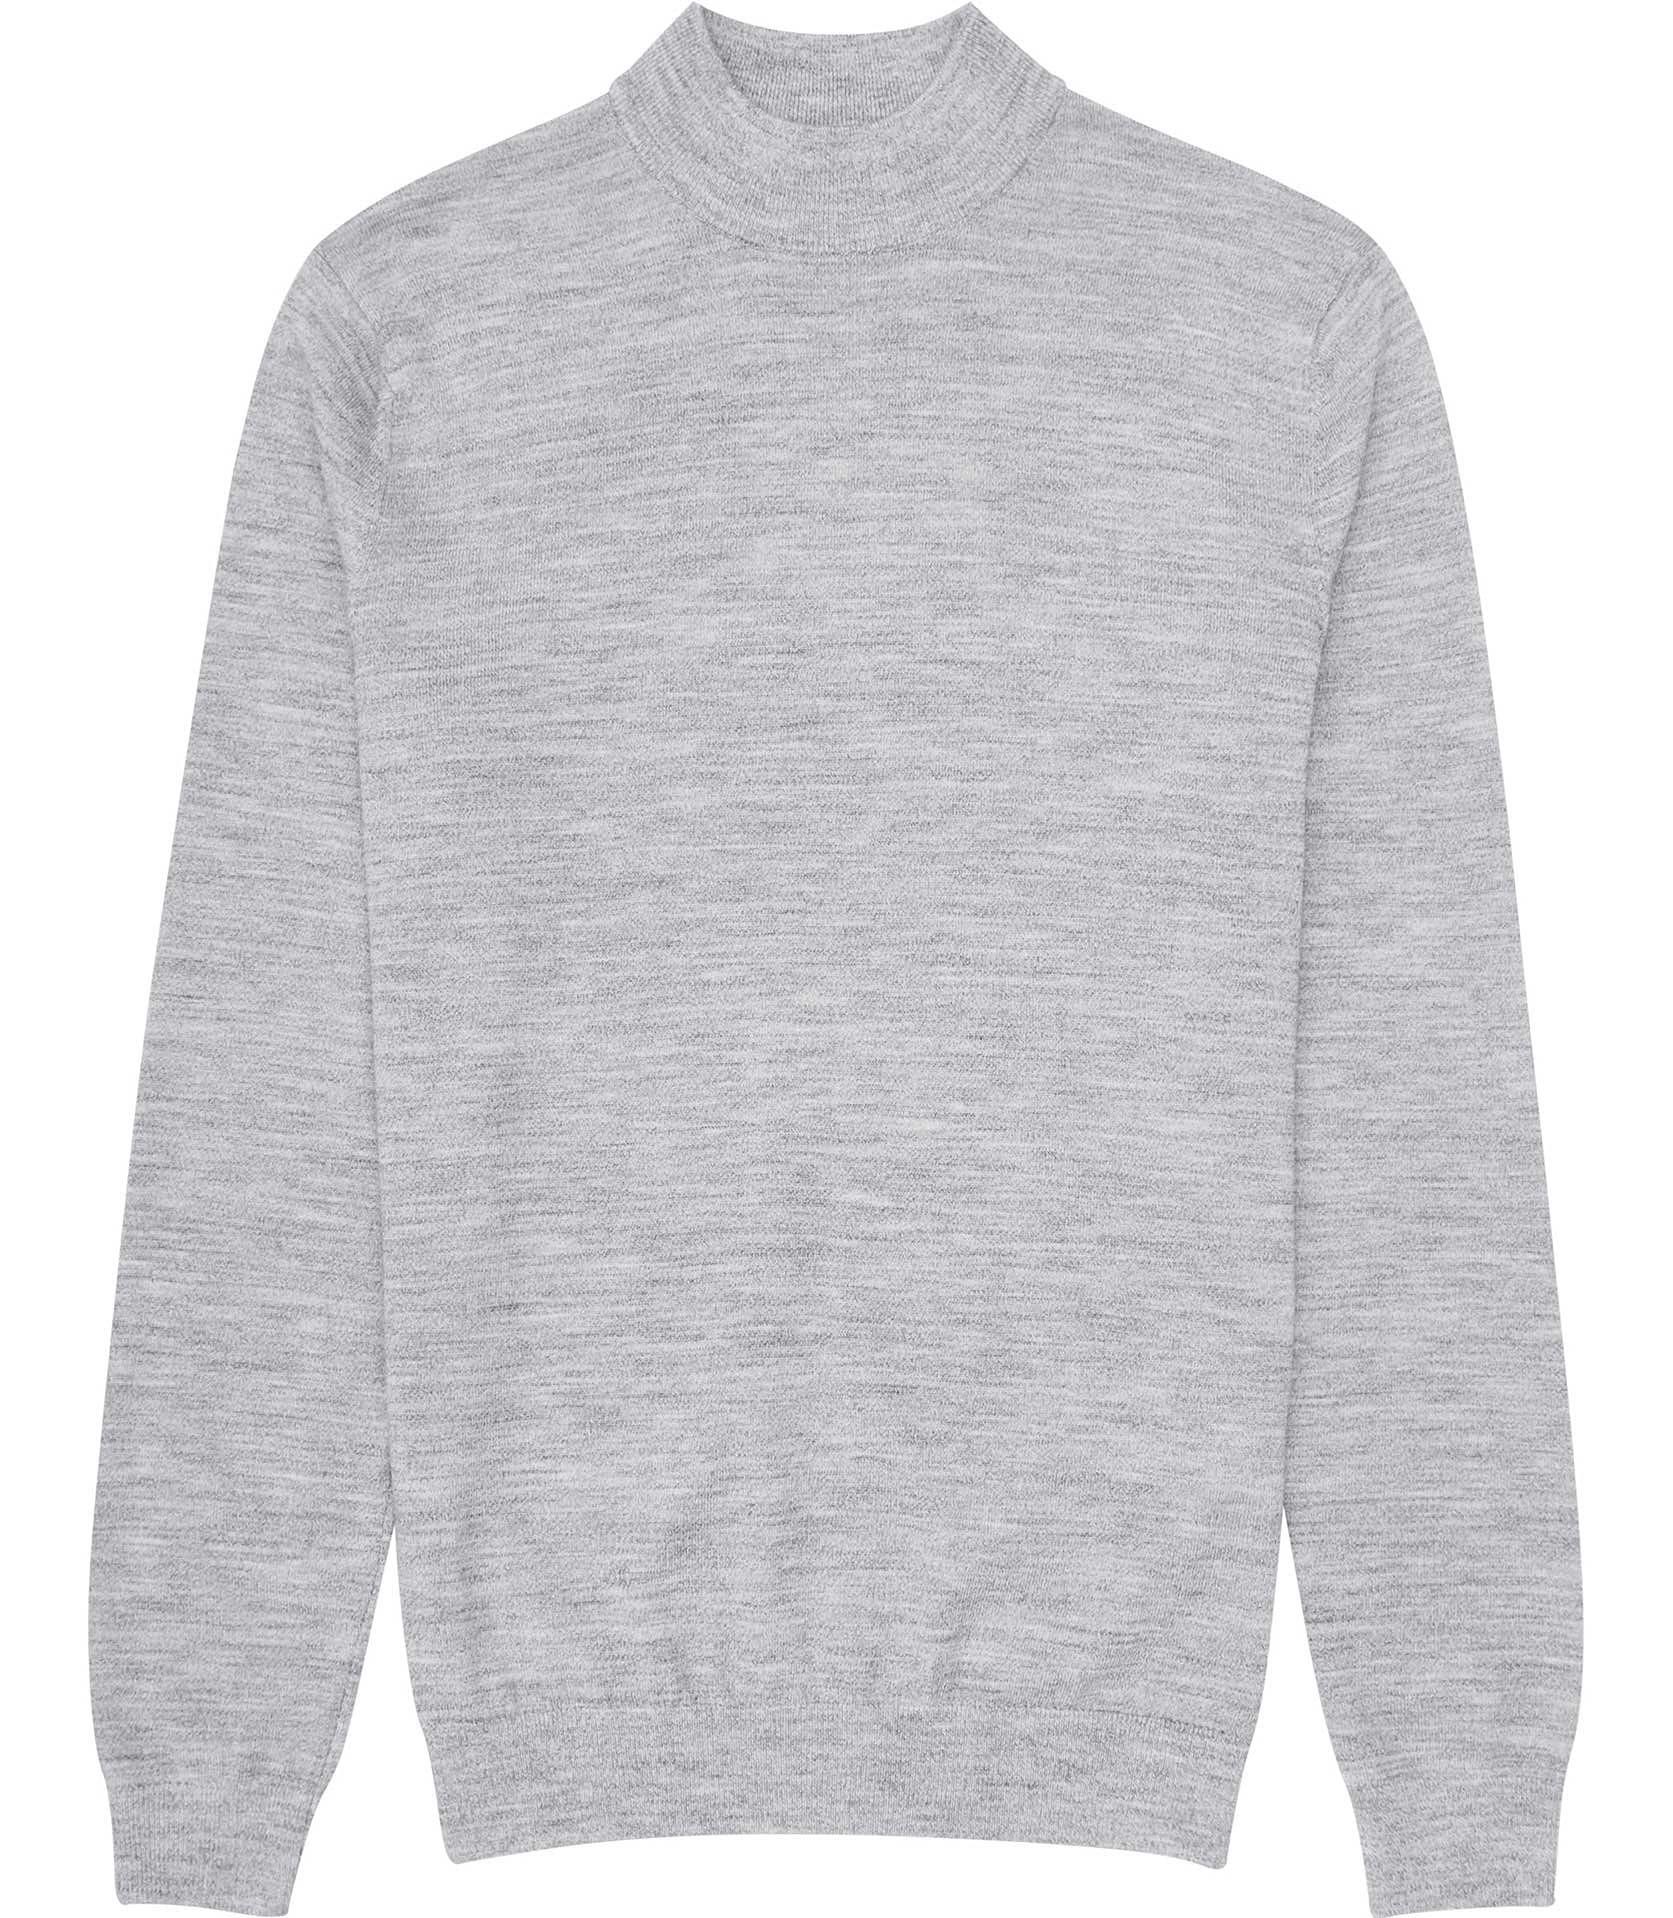 Reiss Grey Knitwear